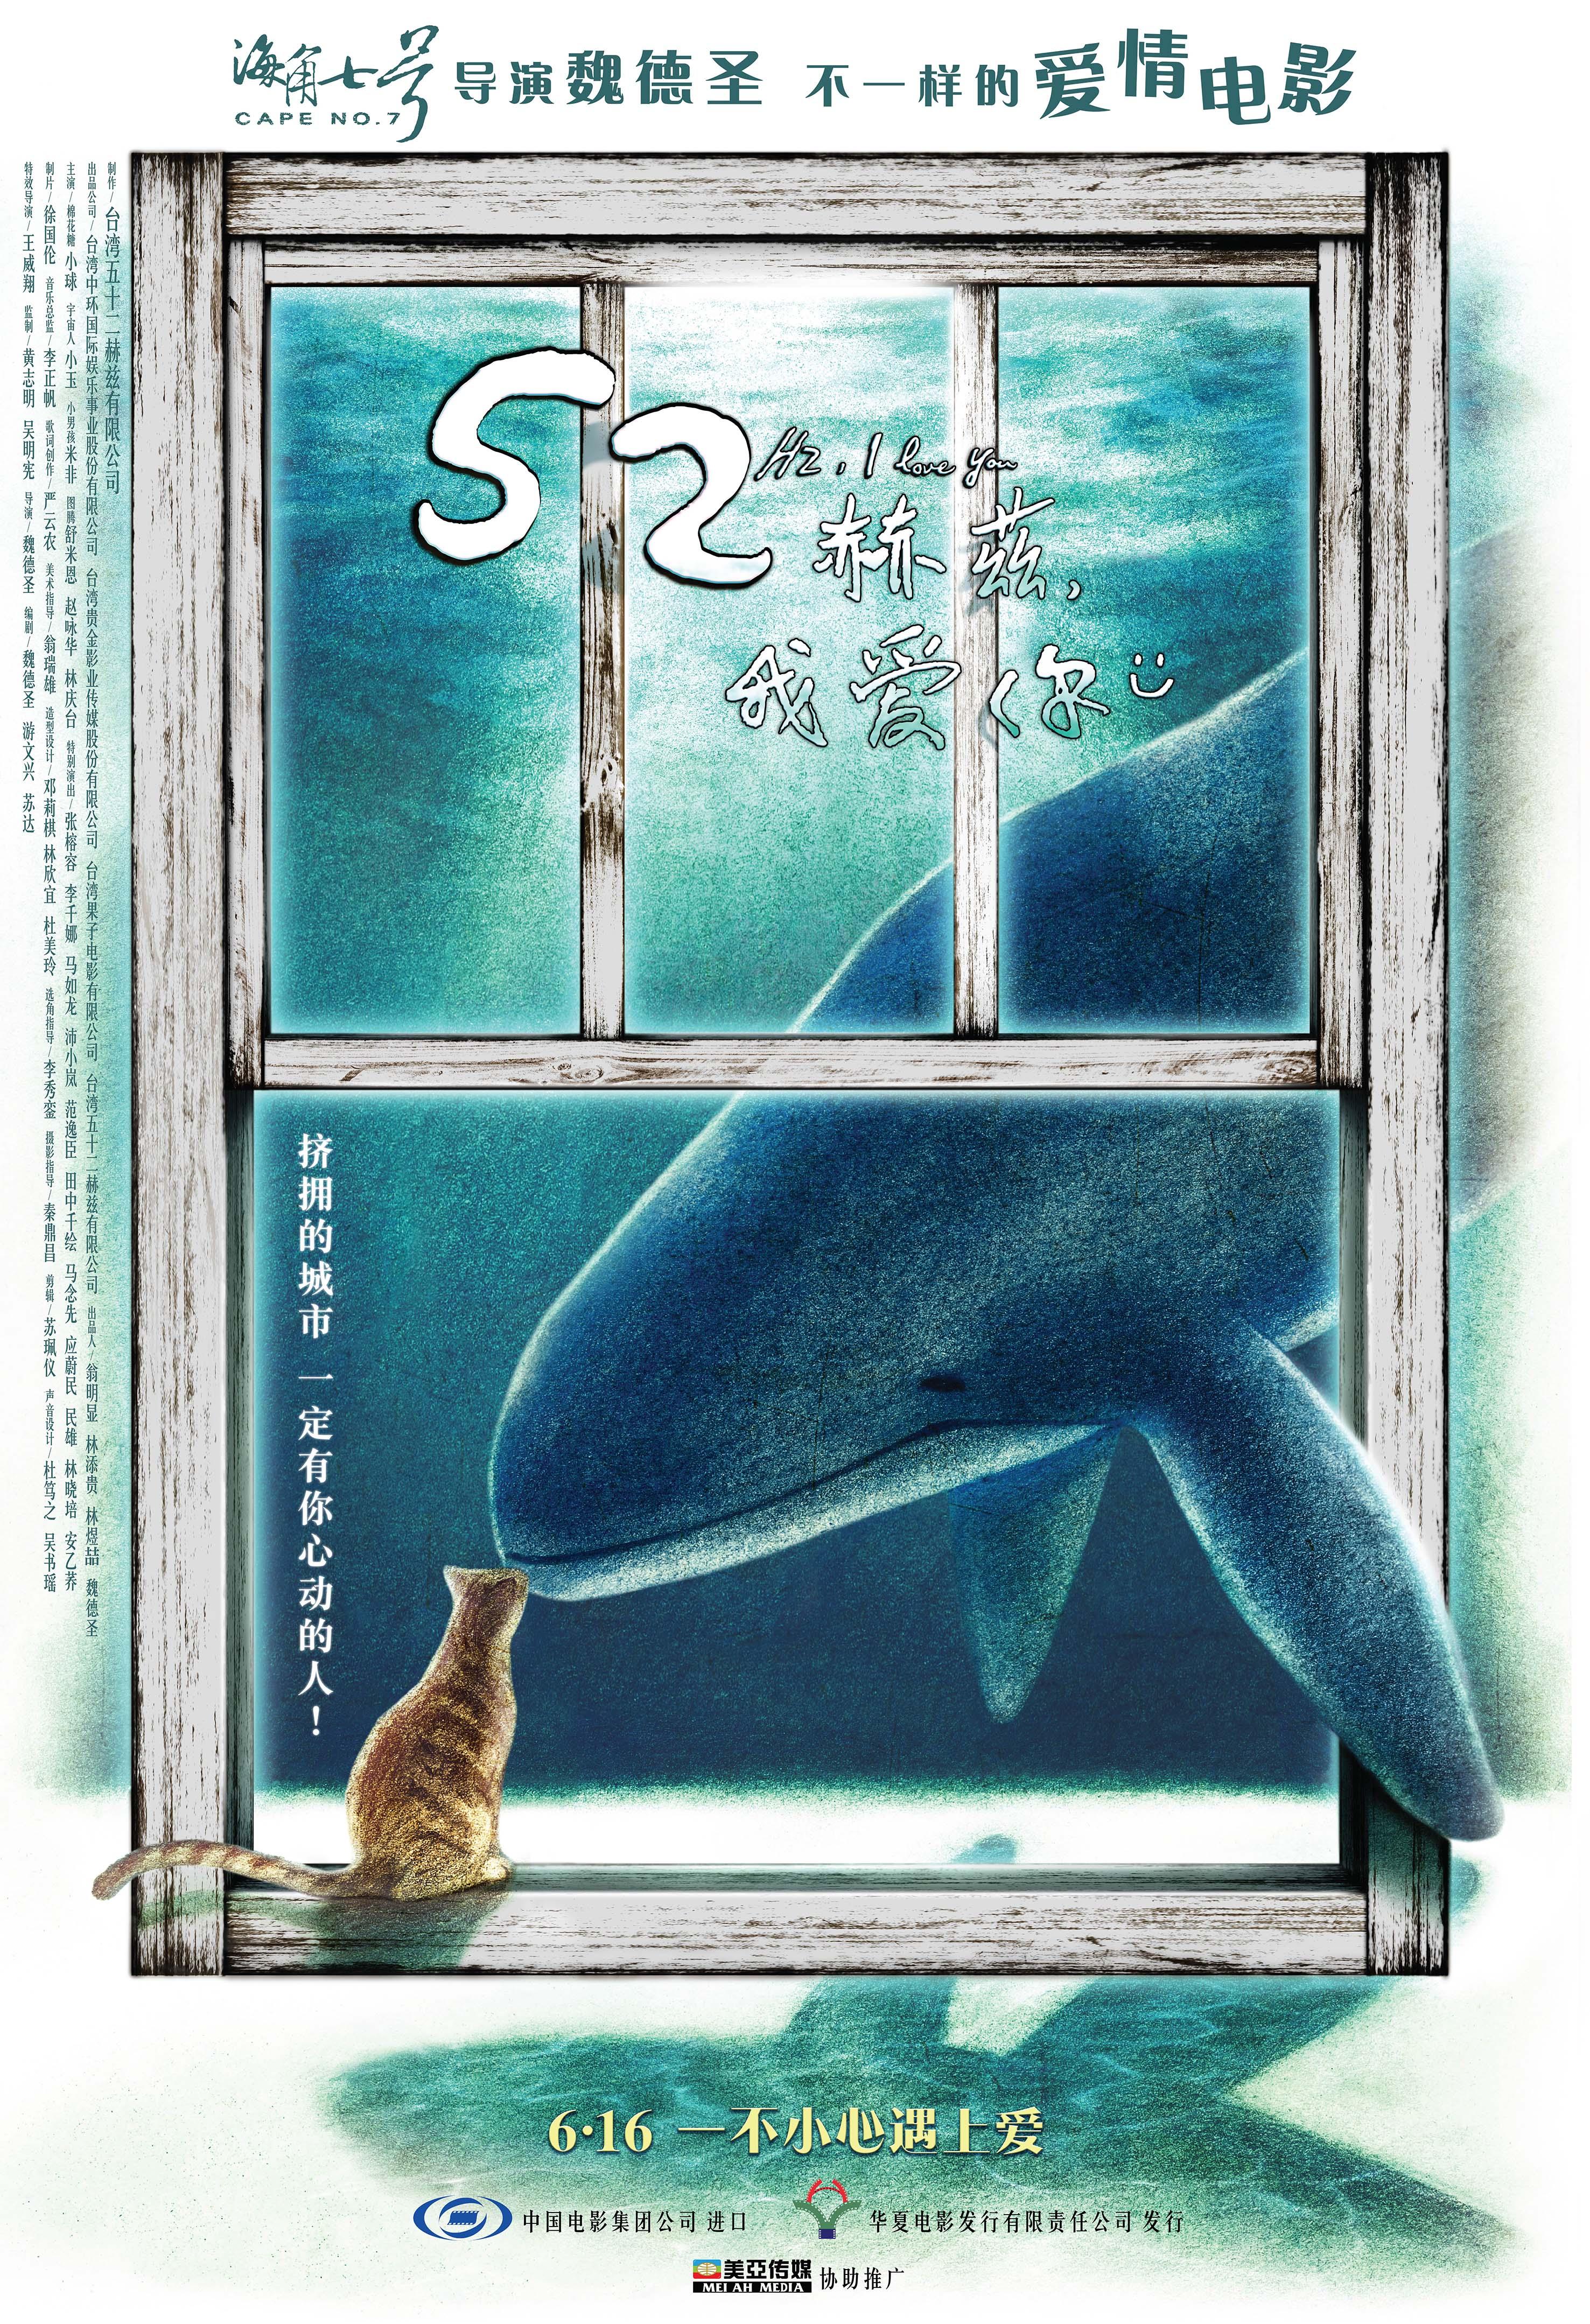 《52赫兹,我爱你》,在孤独的世界大声呼唤爱 - 狐狸·梦见乌鸦 - 埋骨之地